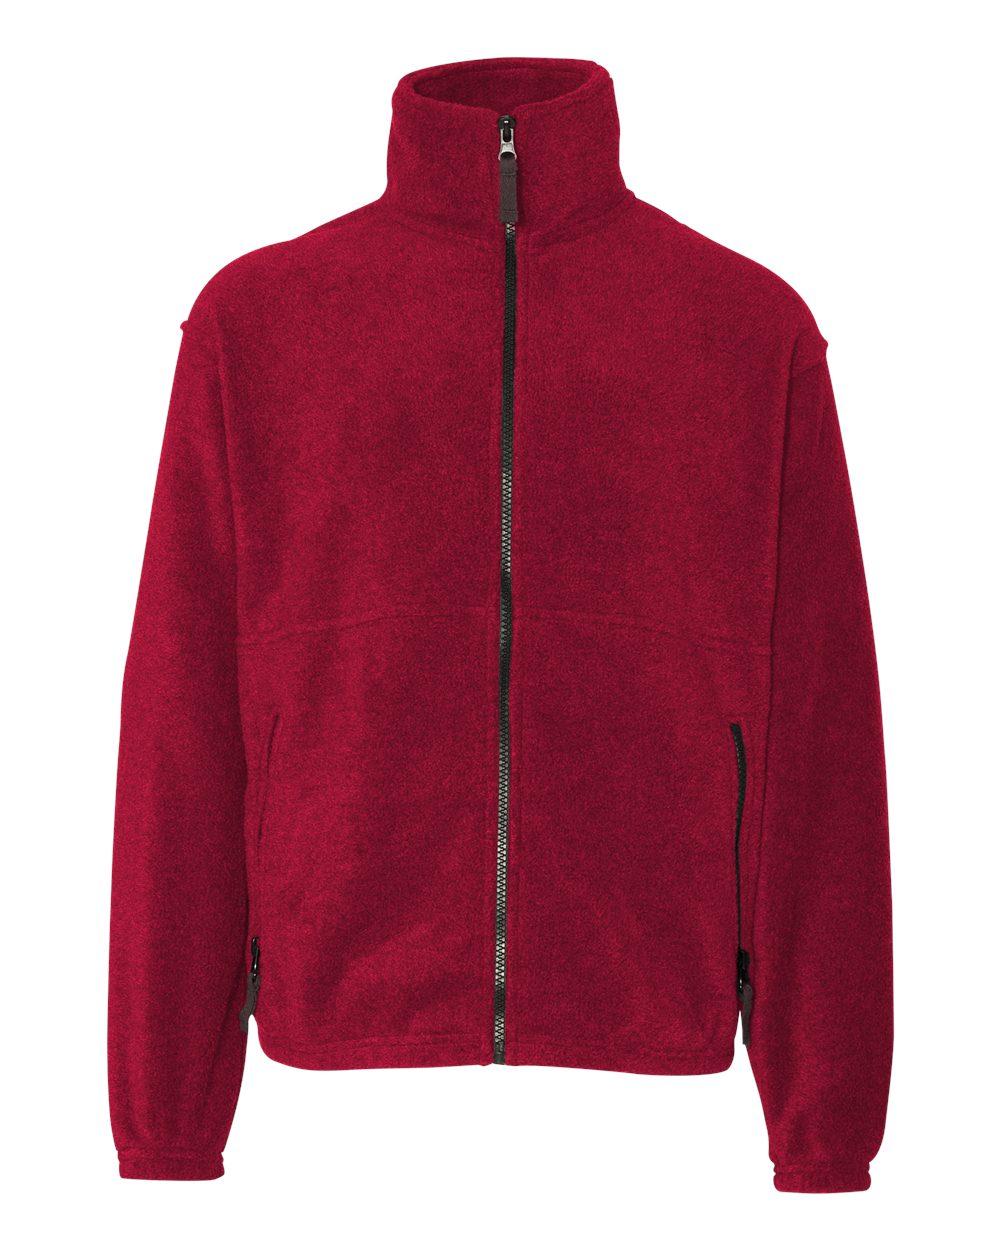 Sierra Pacific Youth Fleece Full-Zip Jacket 4061